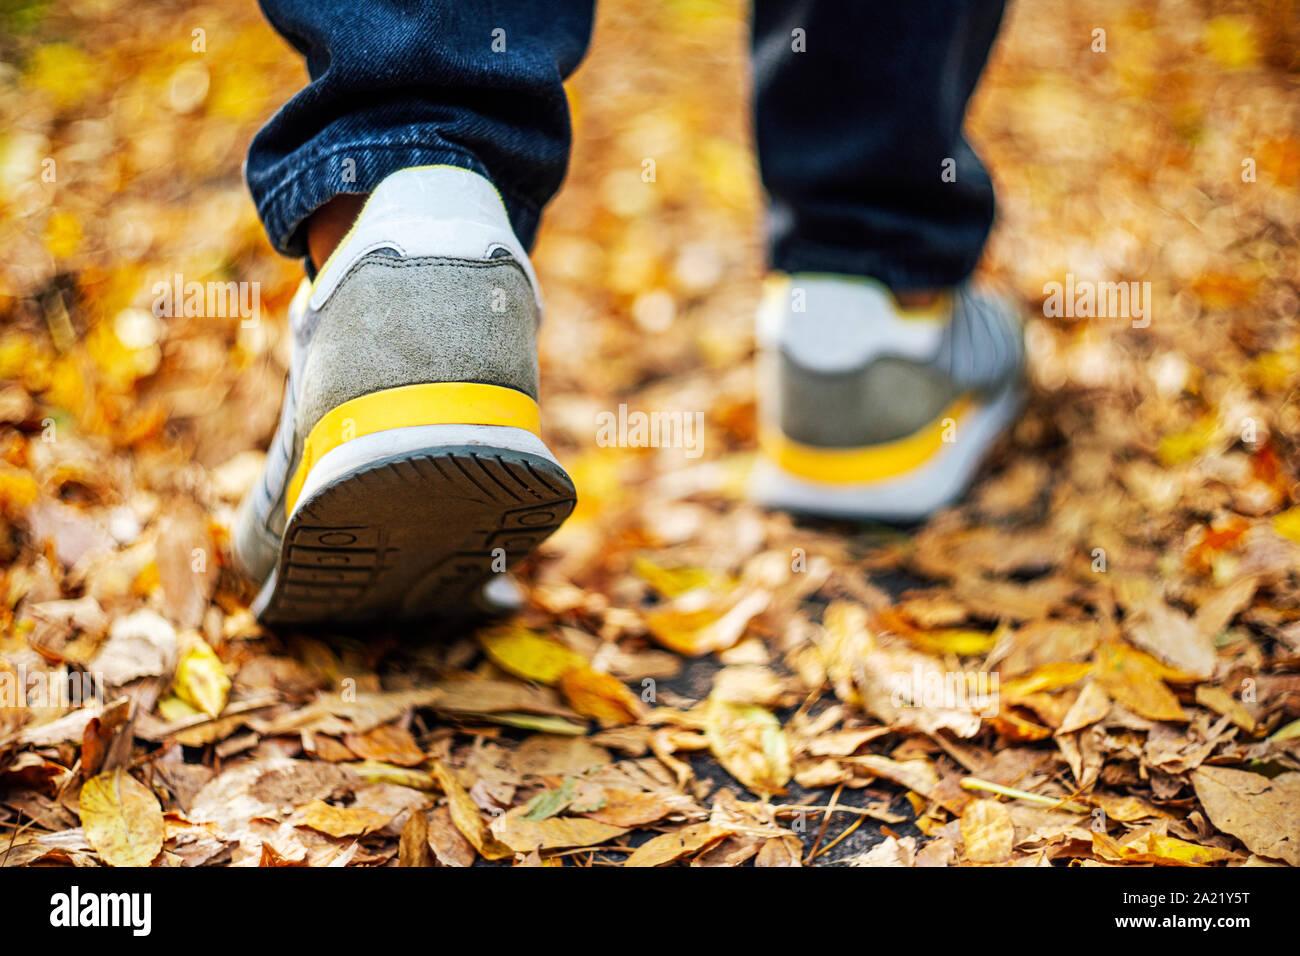 Camminare sul marciapiede in autunno. Vista posteriore sui piedi di un uomo che cammina lungo il marciapiede con caduti piante. Abstract vuoto vuoto autunno Meteo backgro Foto Stock